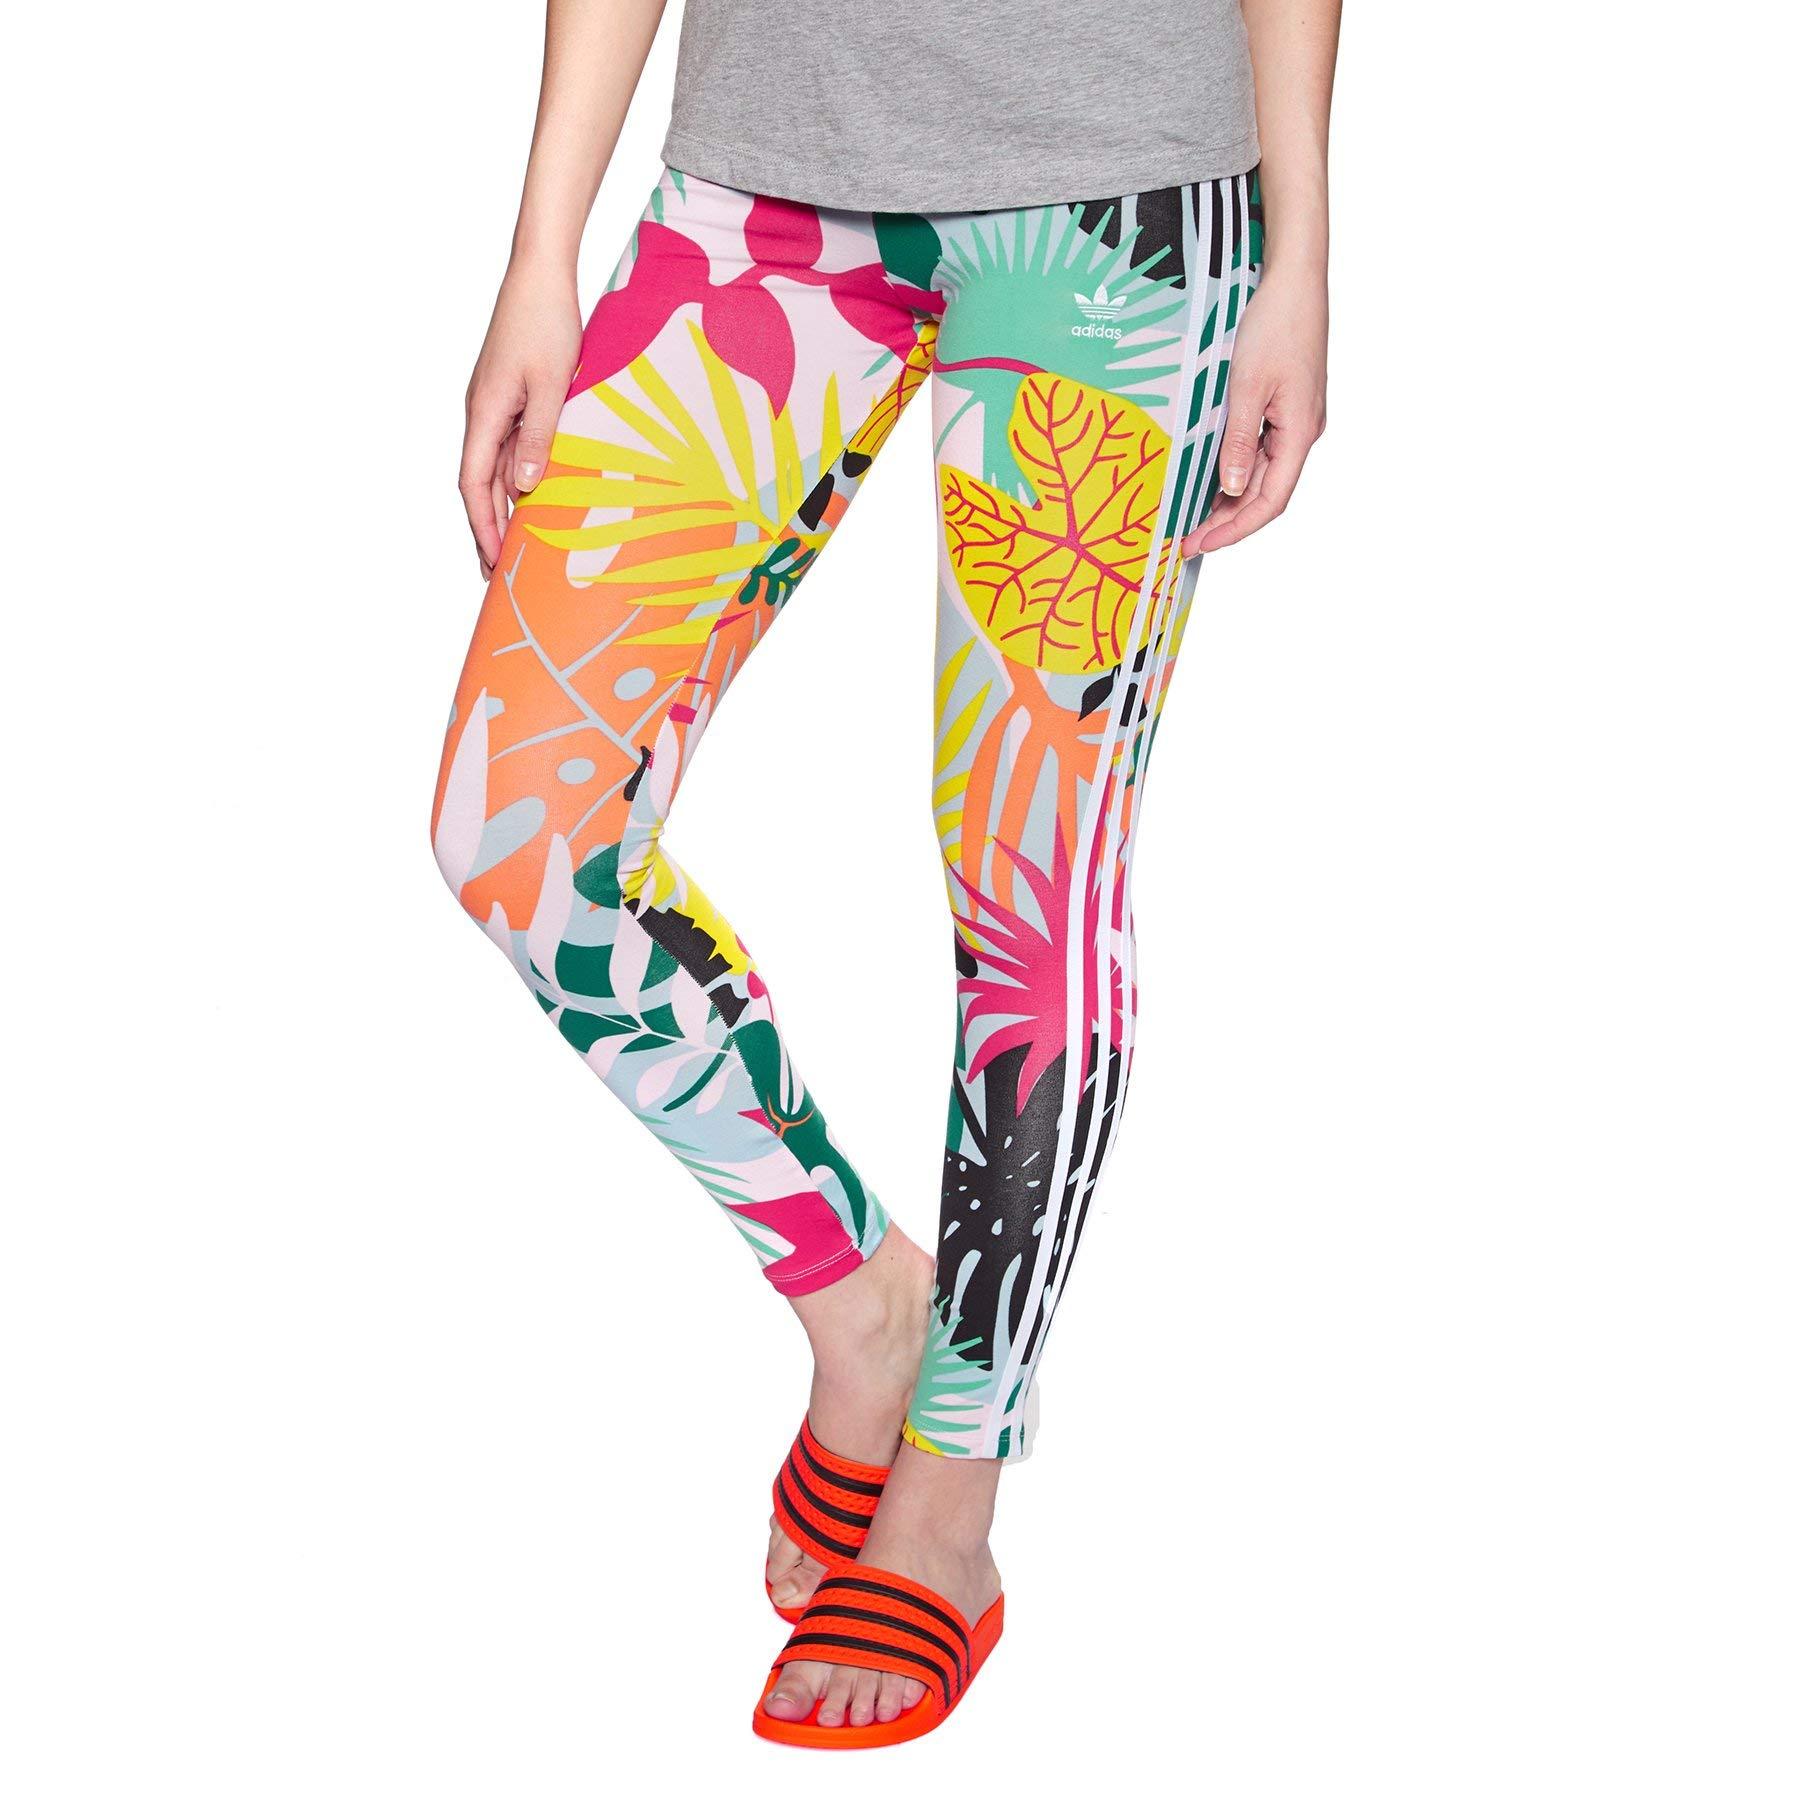 adidas Originals 3 Stripe Leggings UK 8 Reg Tropical Print